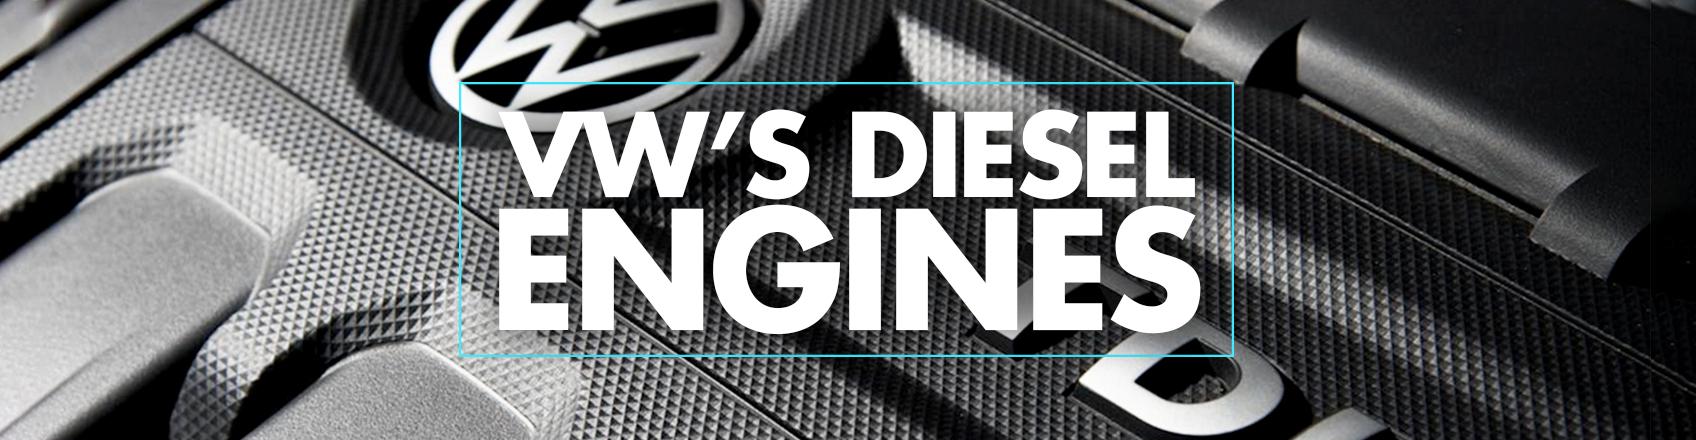 Vw Diesel Engines >> Vw Diesel Engine History Vw Heritage Blog